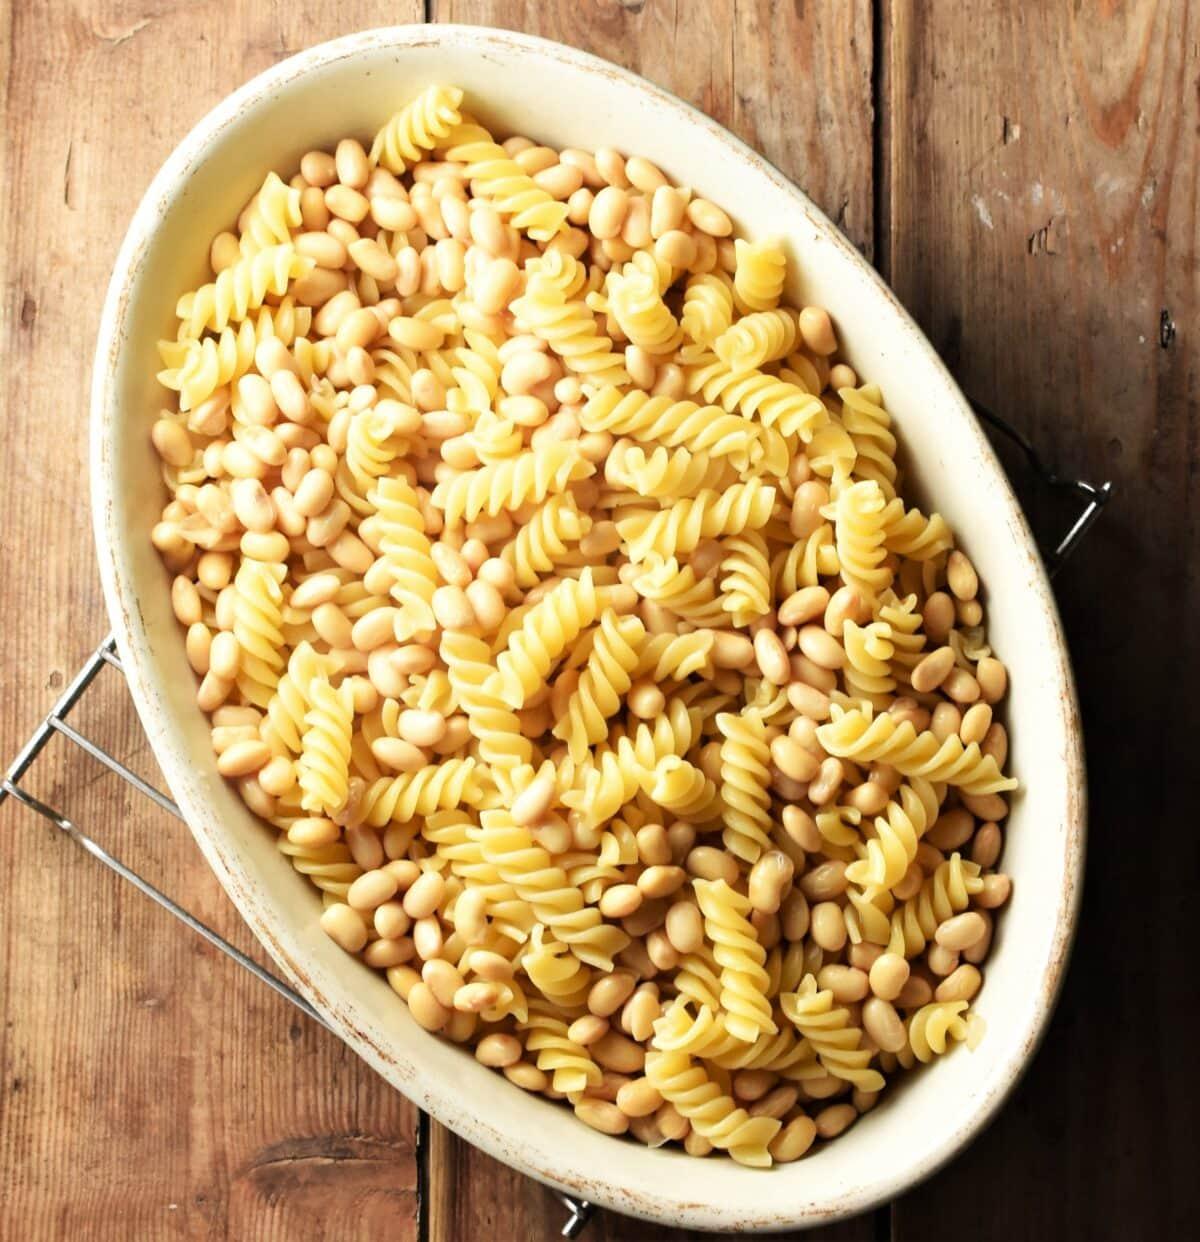 Fusilli pasta and beans in oval white casserole dish.